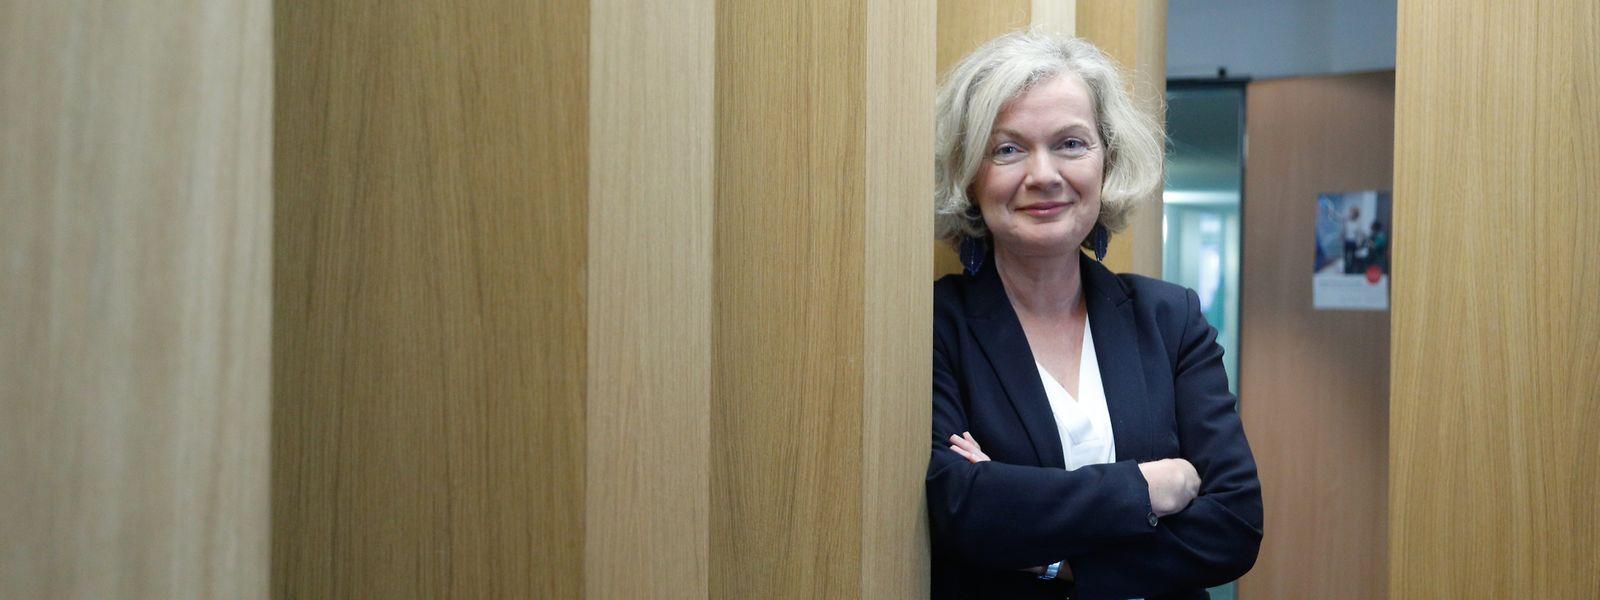 Dans certains métiers la pénurie de main-d'oeuvre qualifiée reste une réalité. Cela veut dire qu'il reste des niches de postes à proposer, assure Isabelle Schlesser, directrice de l'Adem.